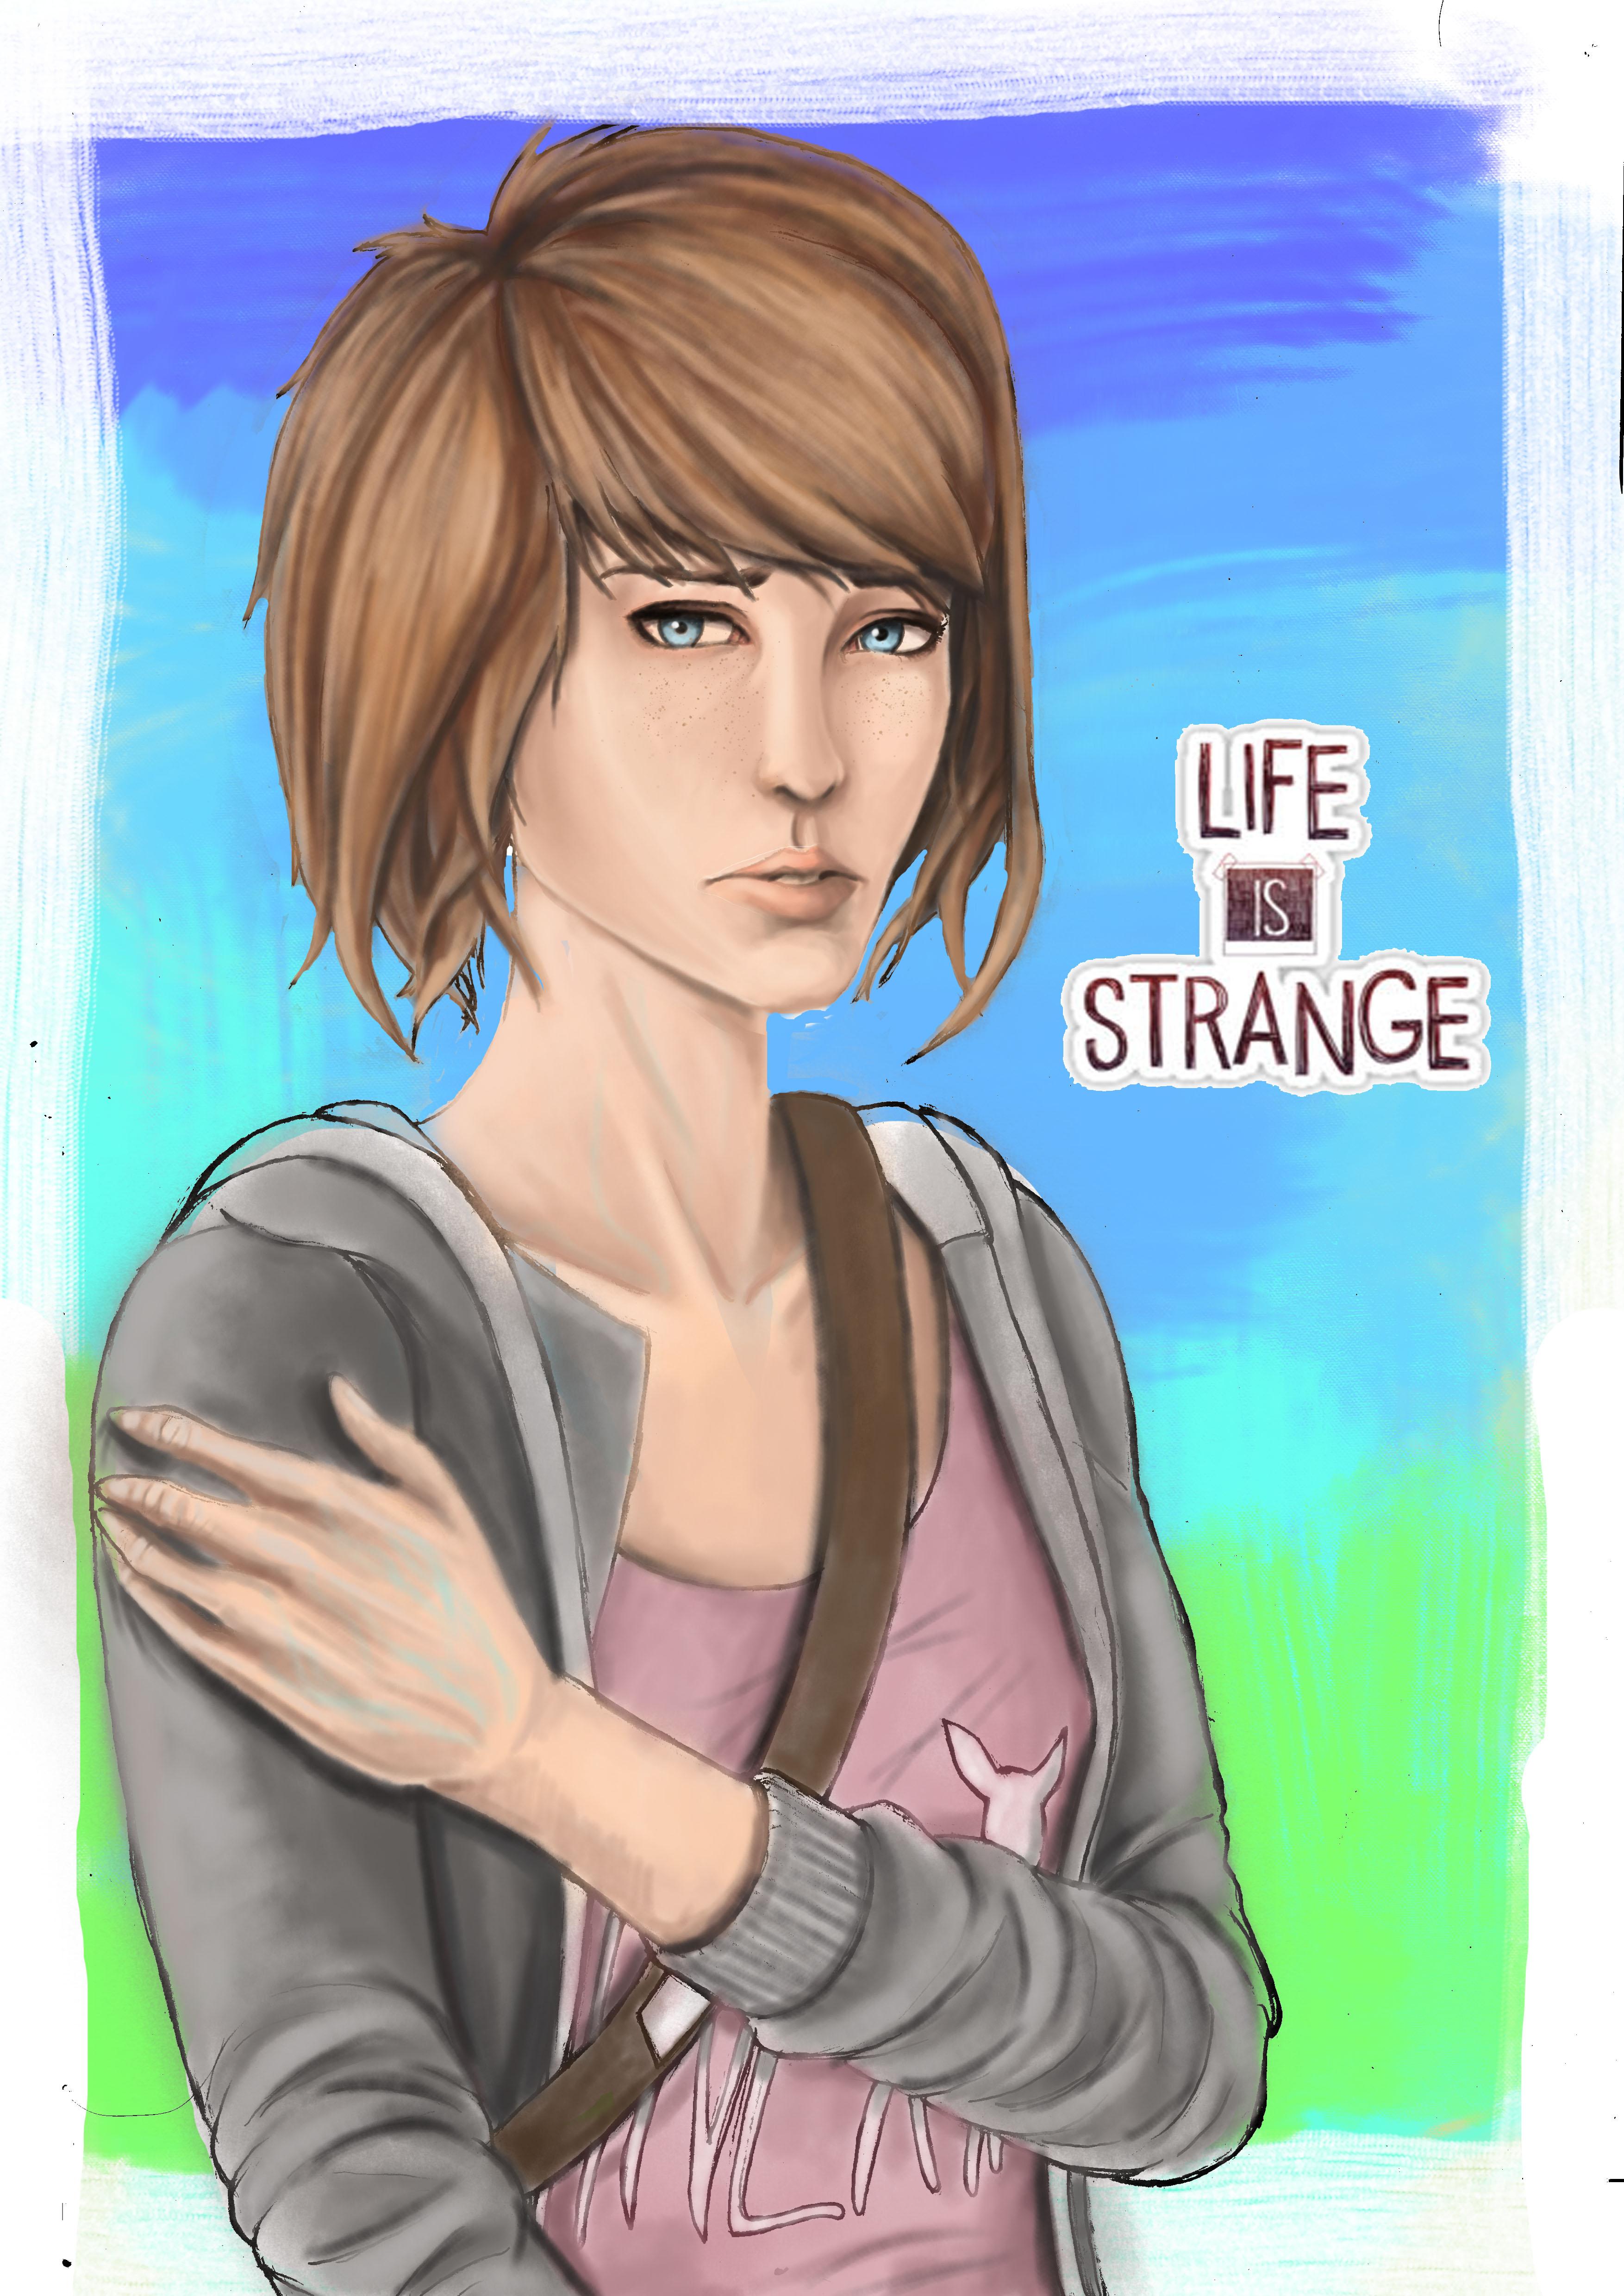 Max (life is strange)